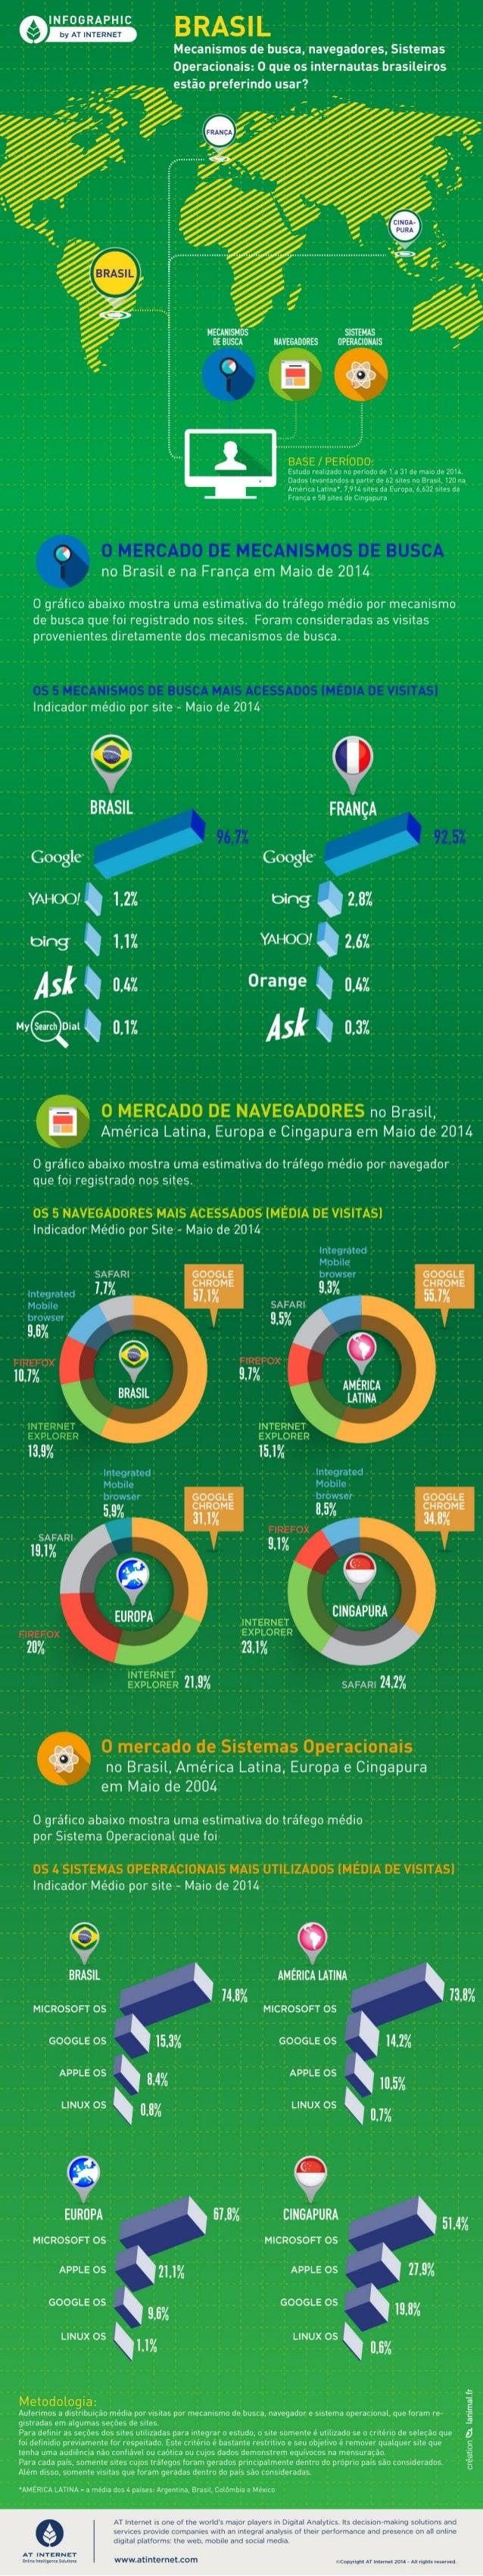 [Infográfico - Maio de 2014] Brasil: Mecanismos de busca, navegadores, Sistemas Operacionais